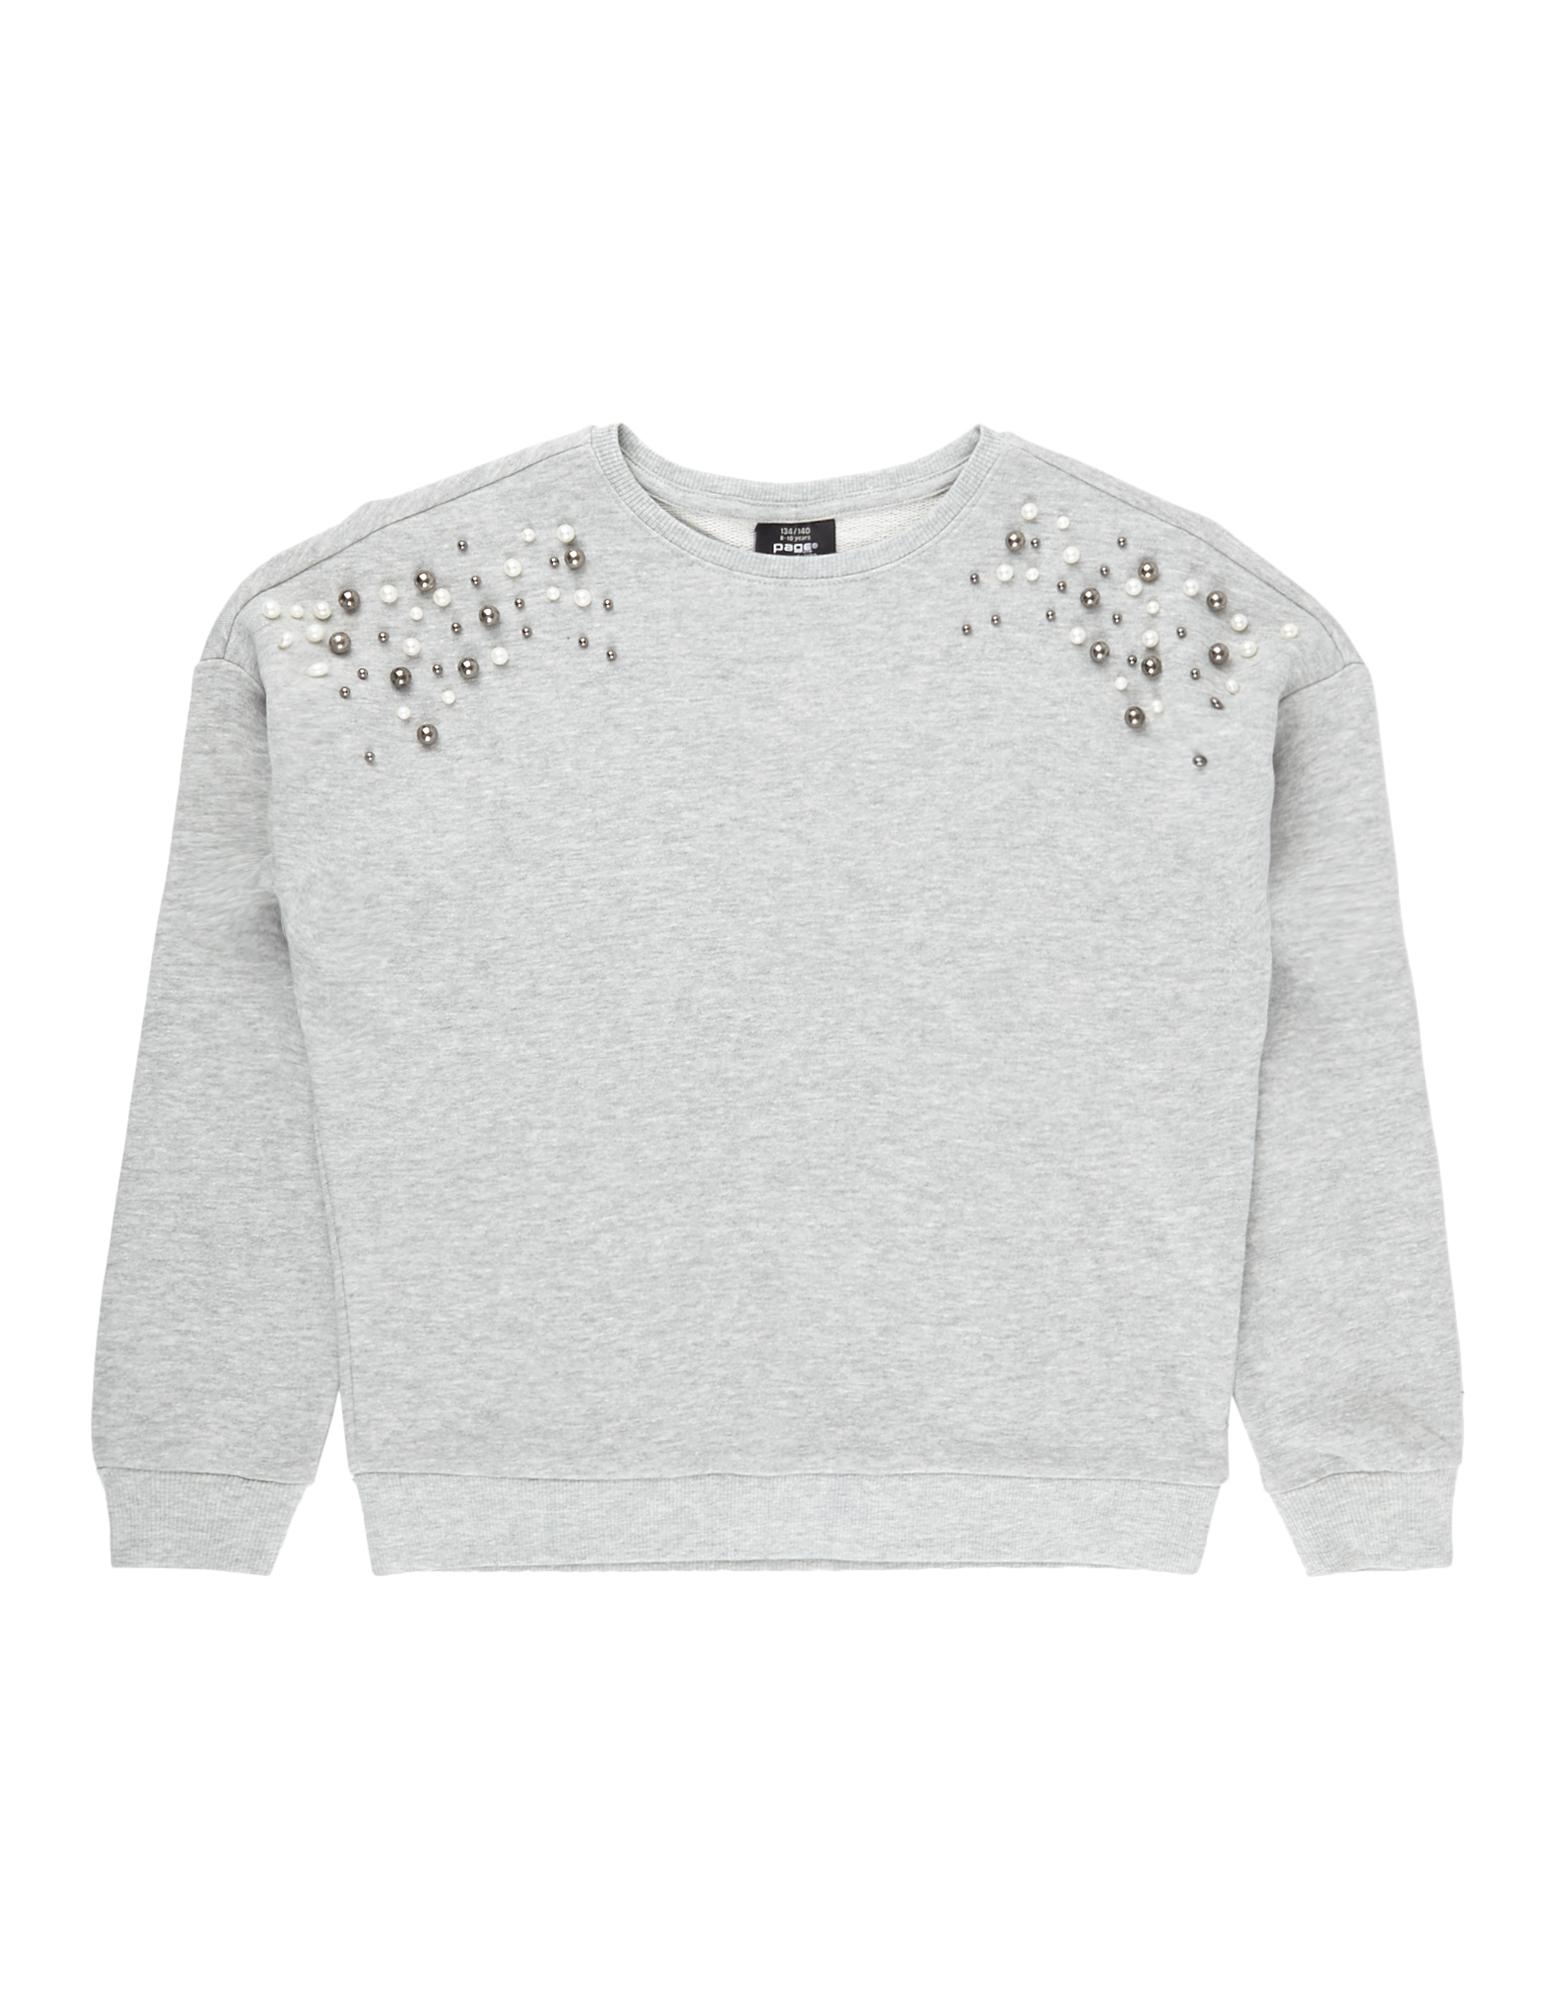 Mädchen Sweatshirt mit Zierperlenbesatz  | 81539341370305